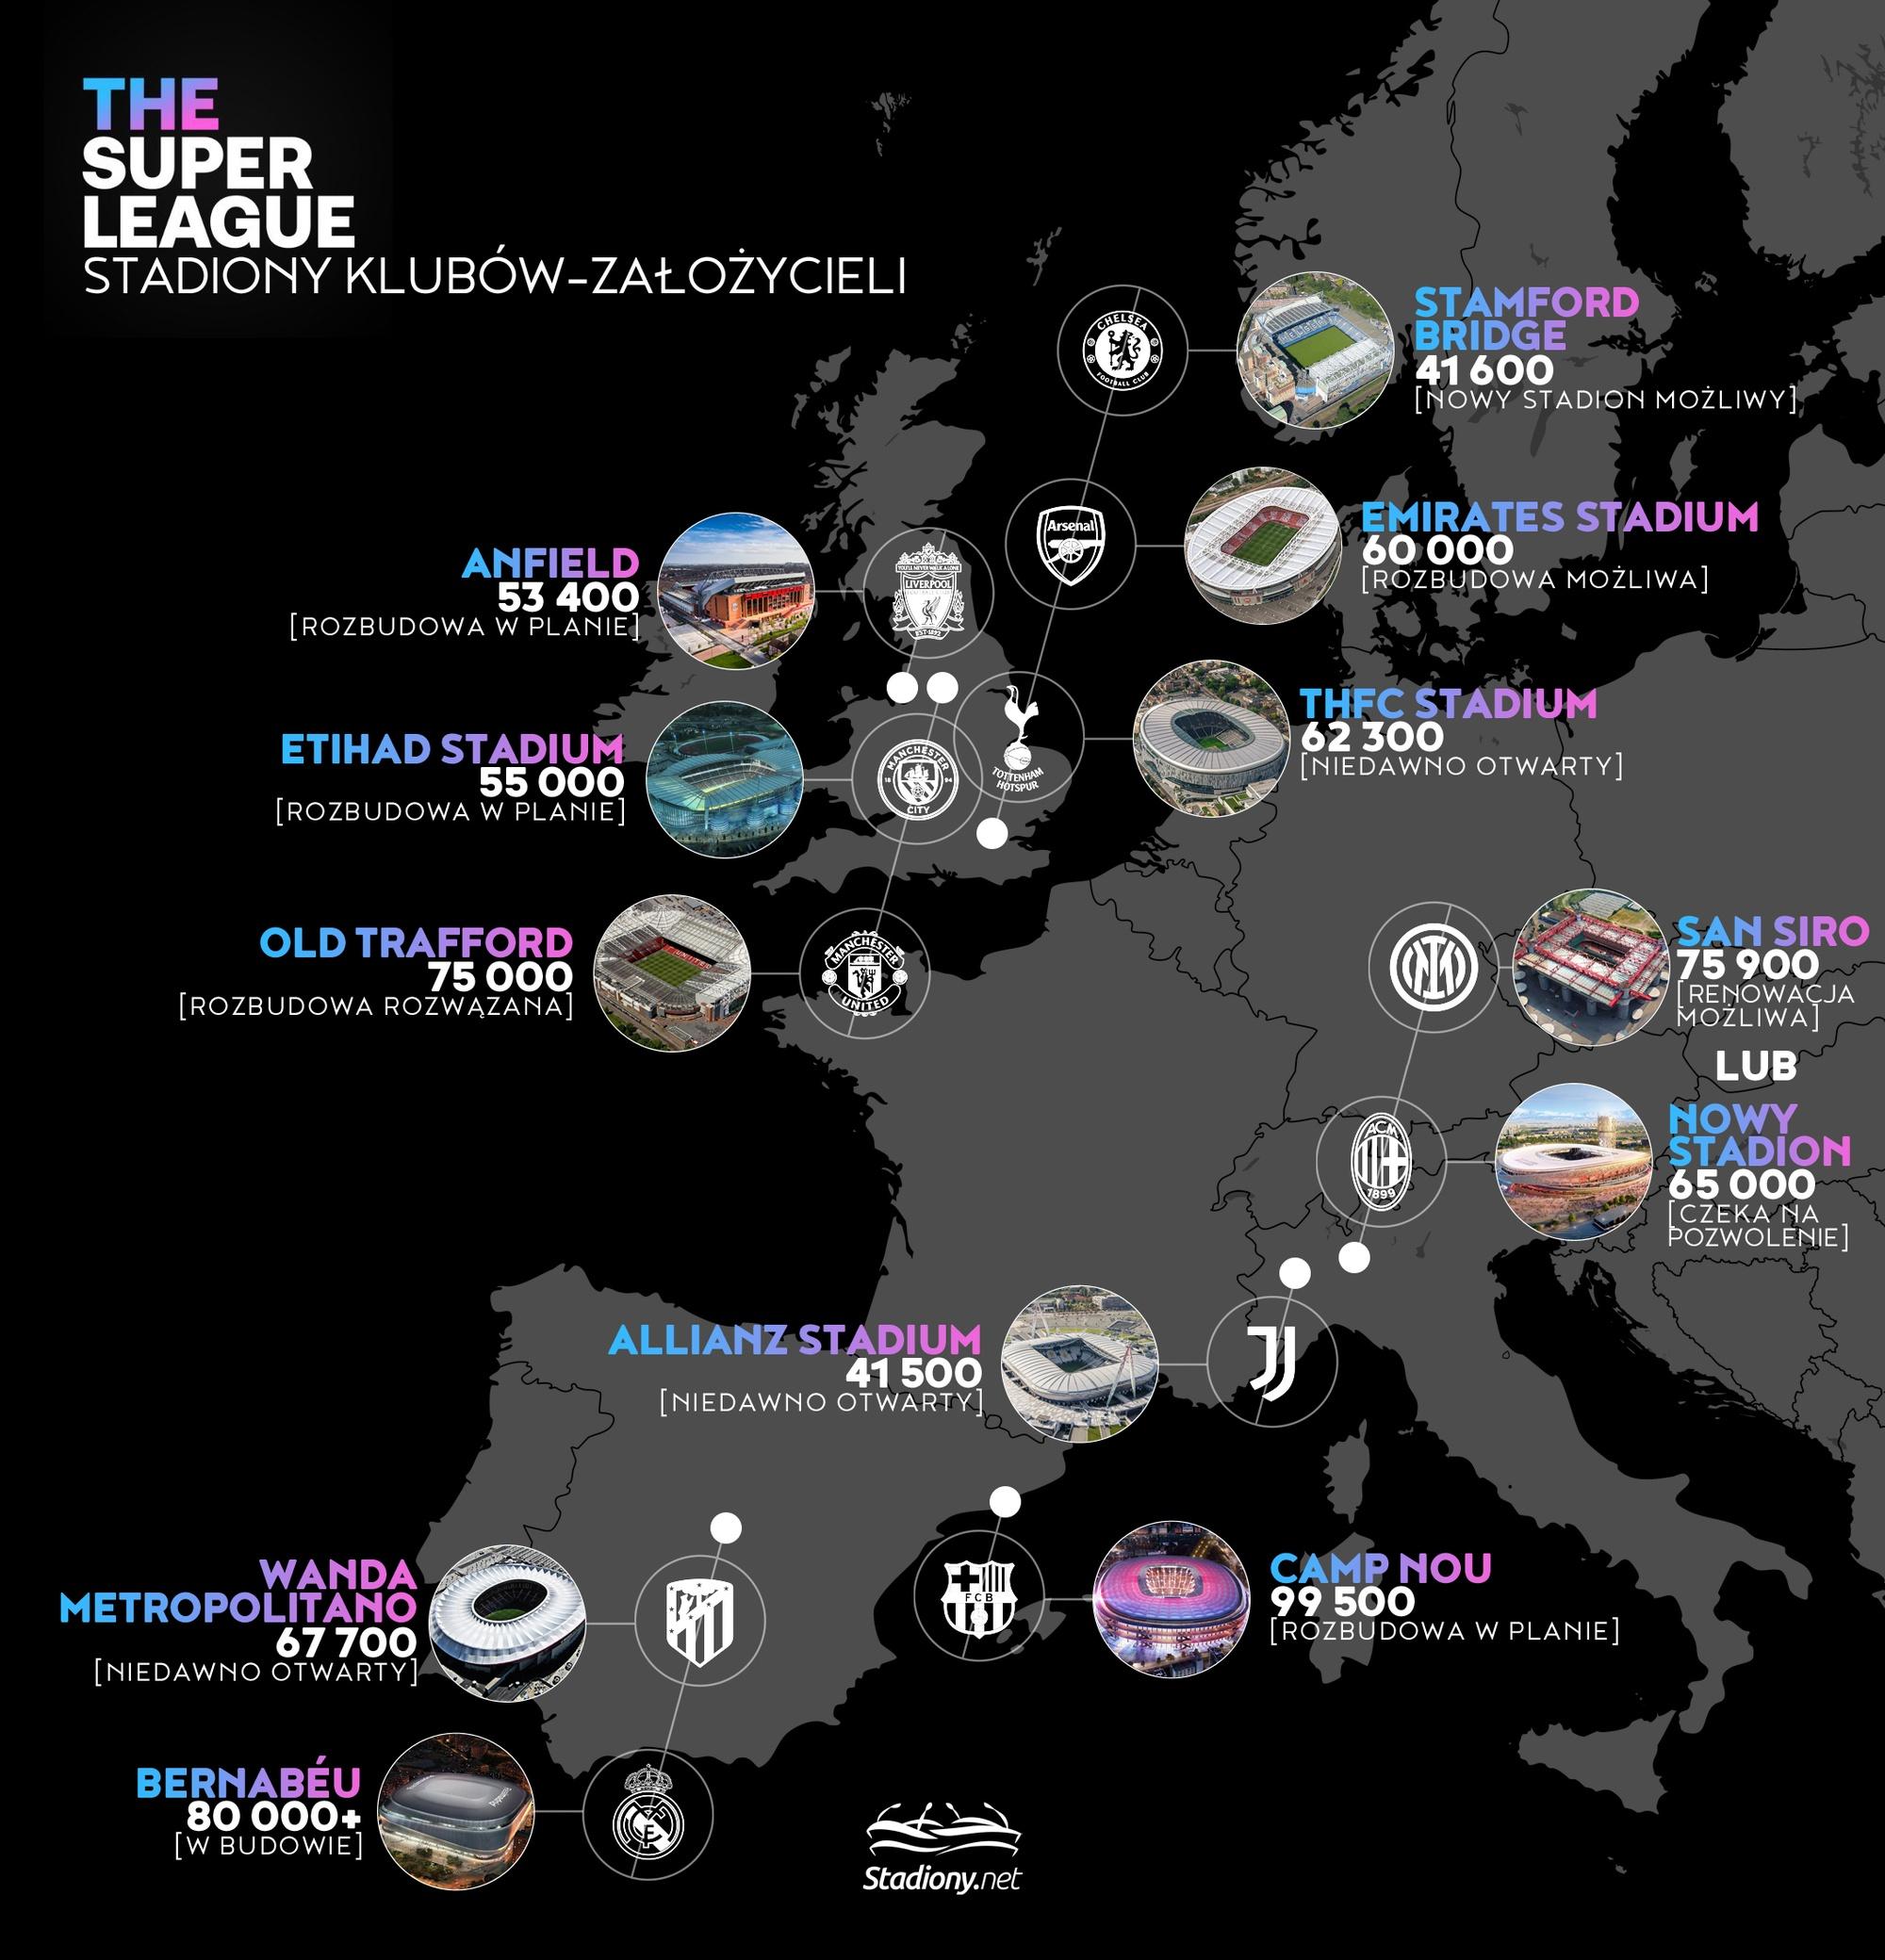 Europejska Super Liga - kluby założyciele i ich stadiony